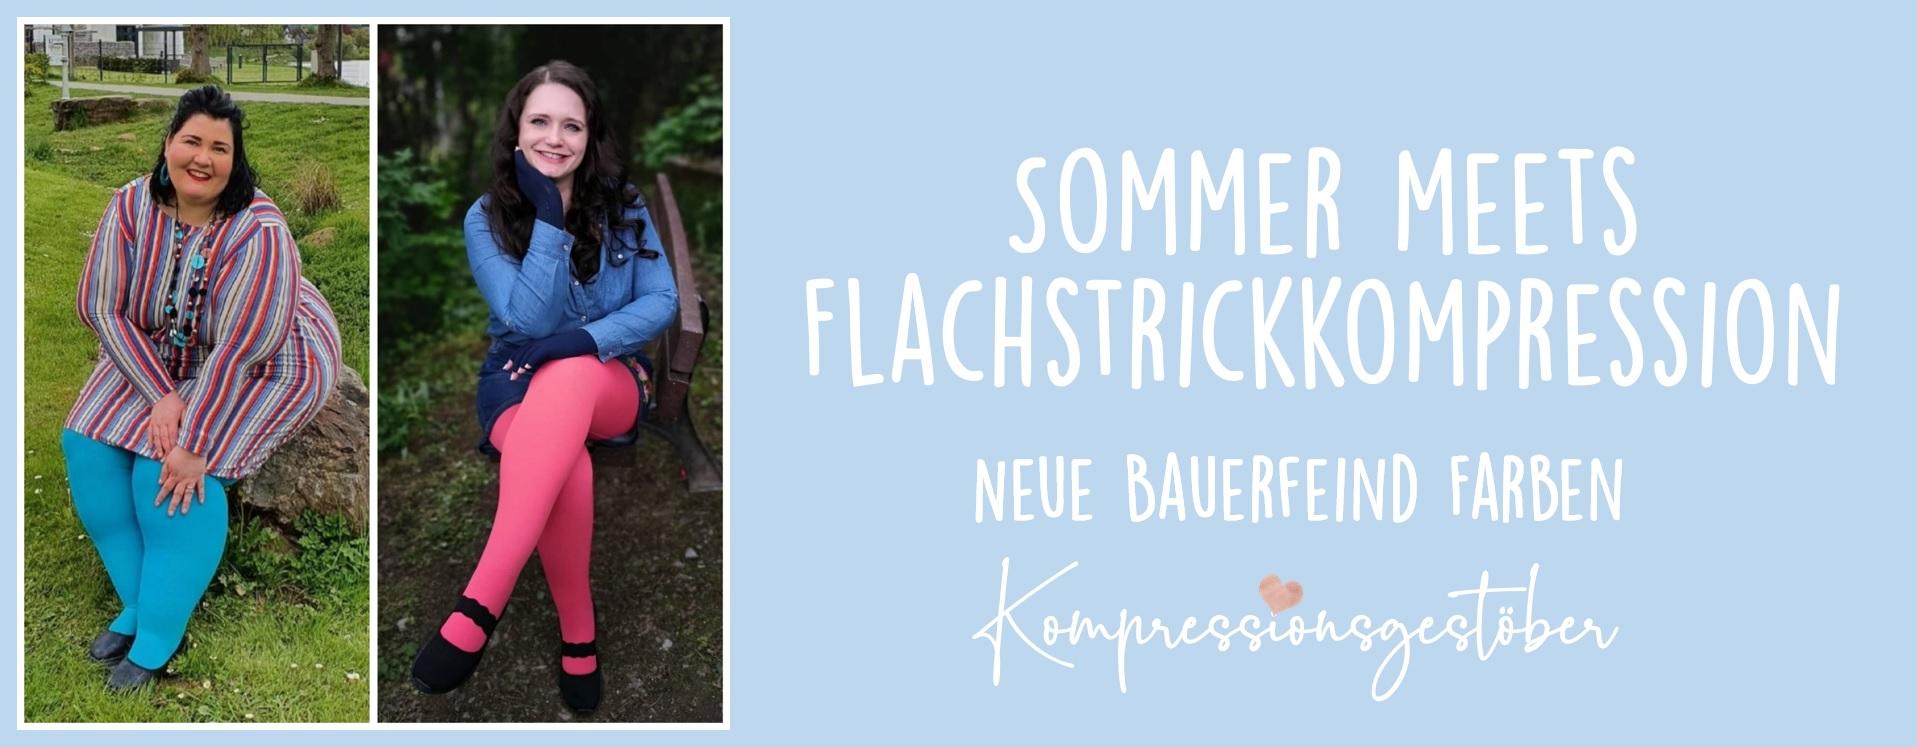 Sommer meets Flachstrickkompression! Neue Farben für den VenoTrain curaflow von Bauerfeind